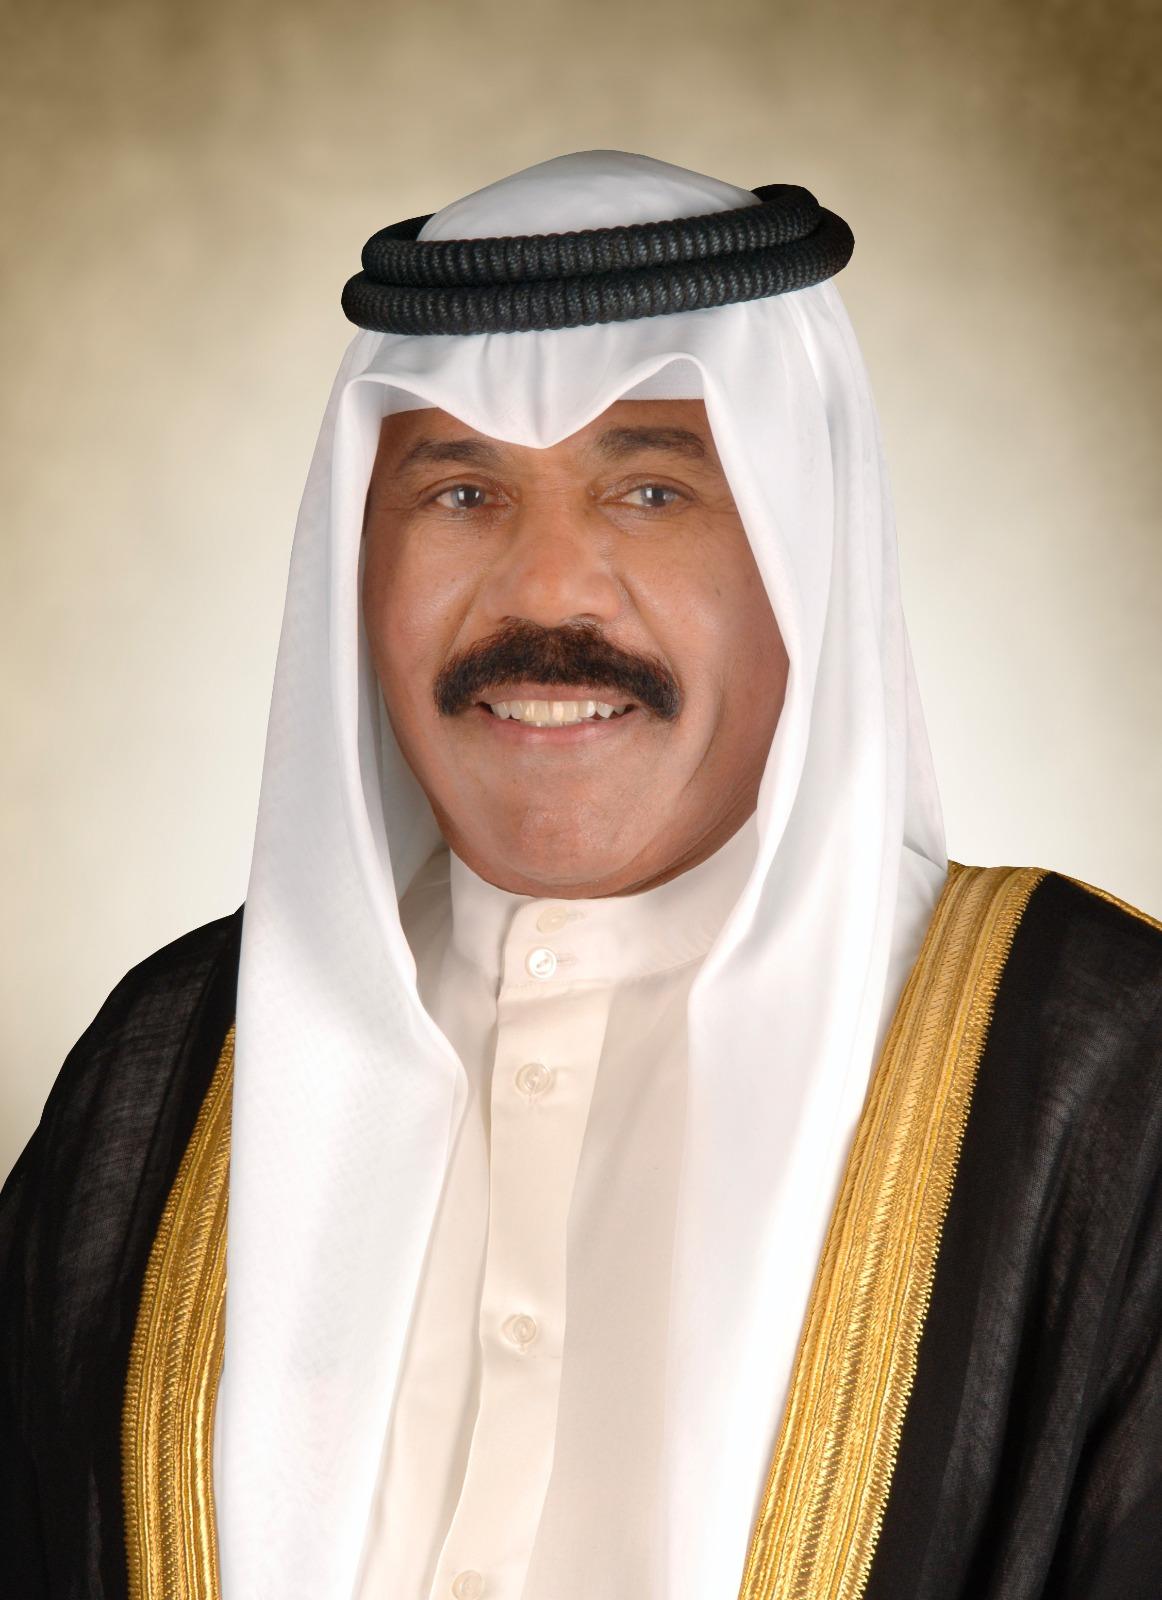 سمو الأمير يبعث ببرقية تهنئة إلى رئيس جمهورية سيشل بمناسبة العيد الوطني لبلاده